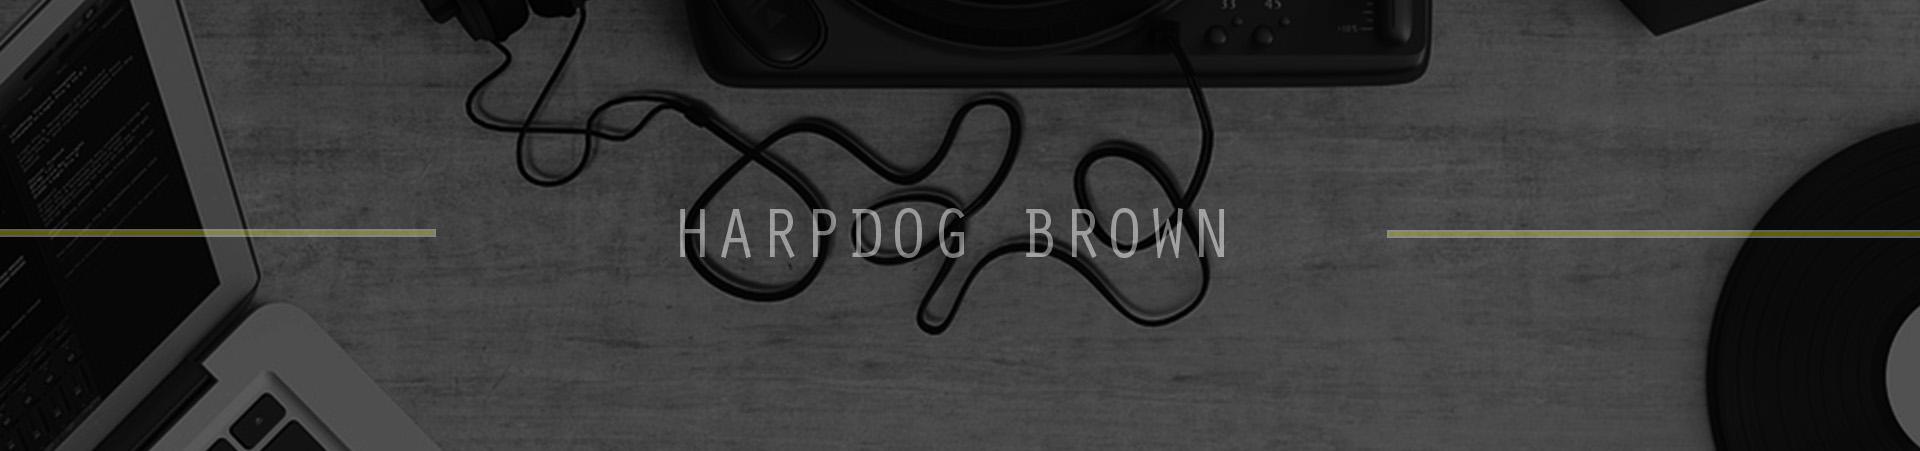 HARPDOG BROWN